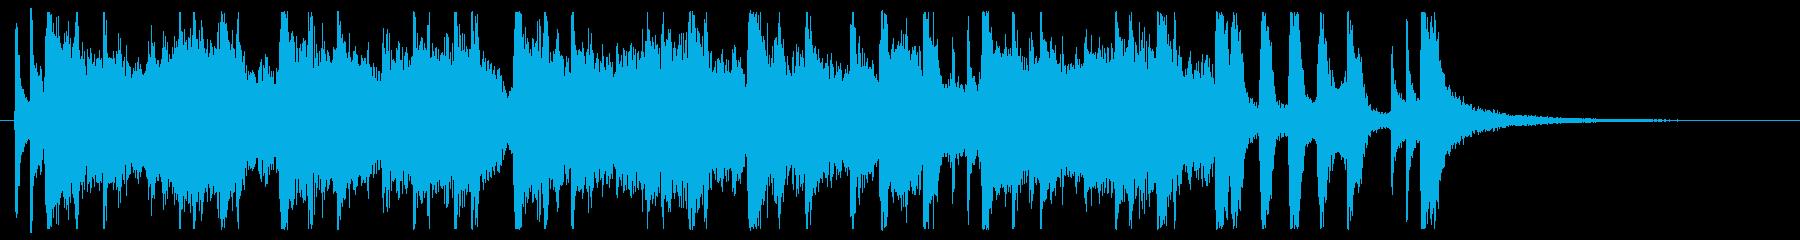 フュージョン ジャズ ファンク ブ...の再生済みの波形